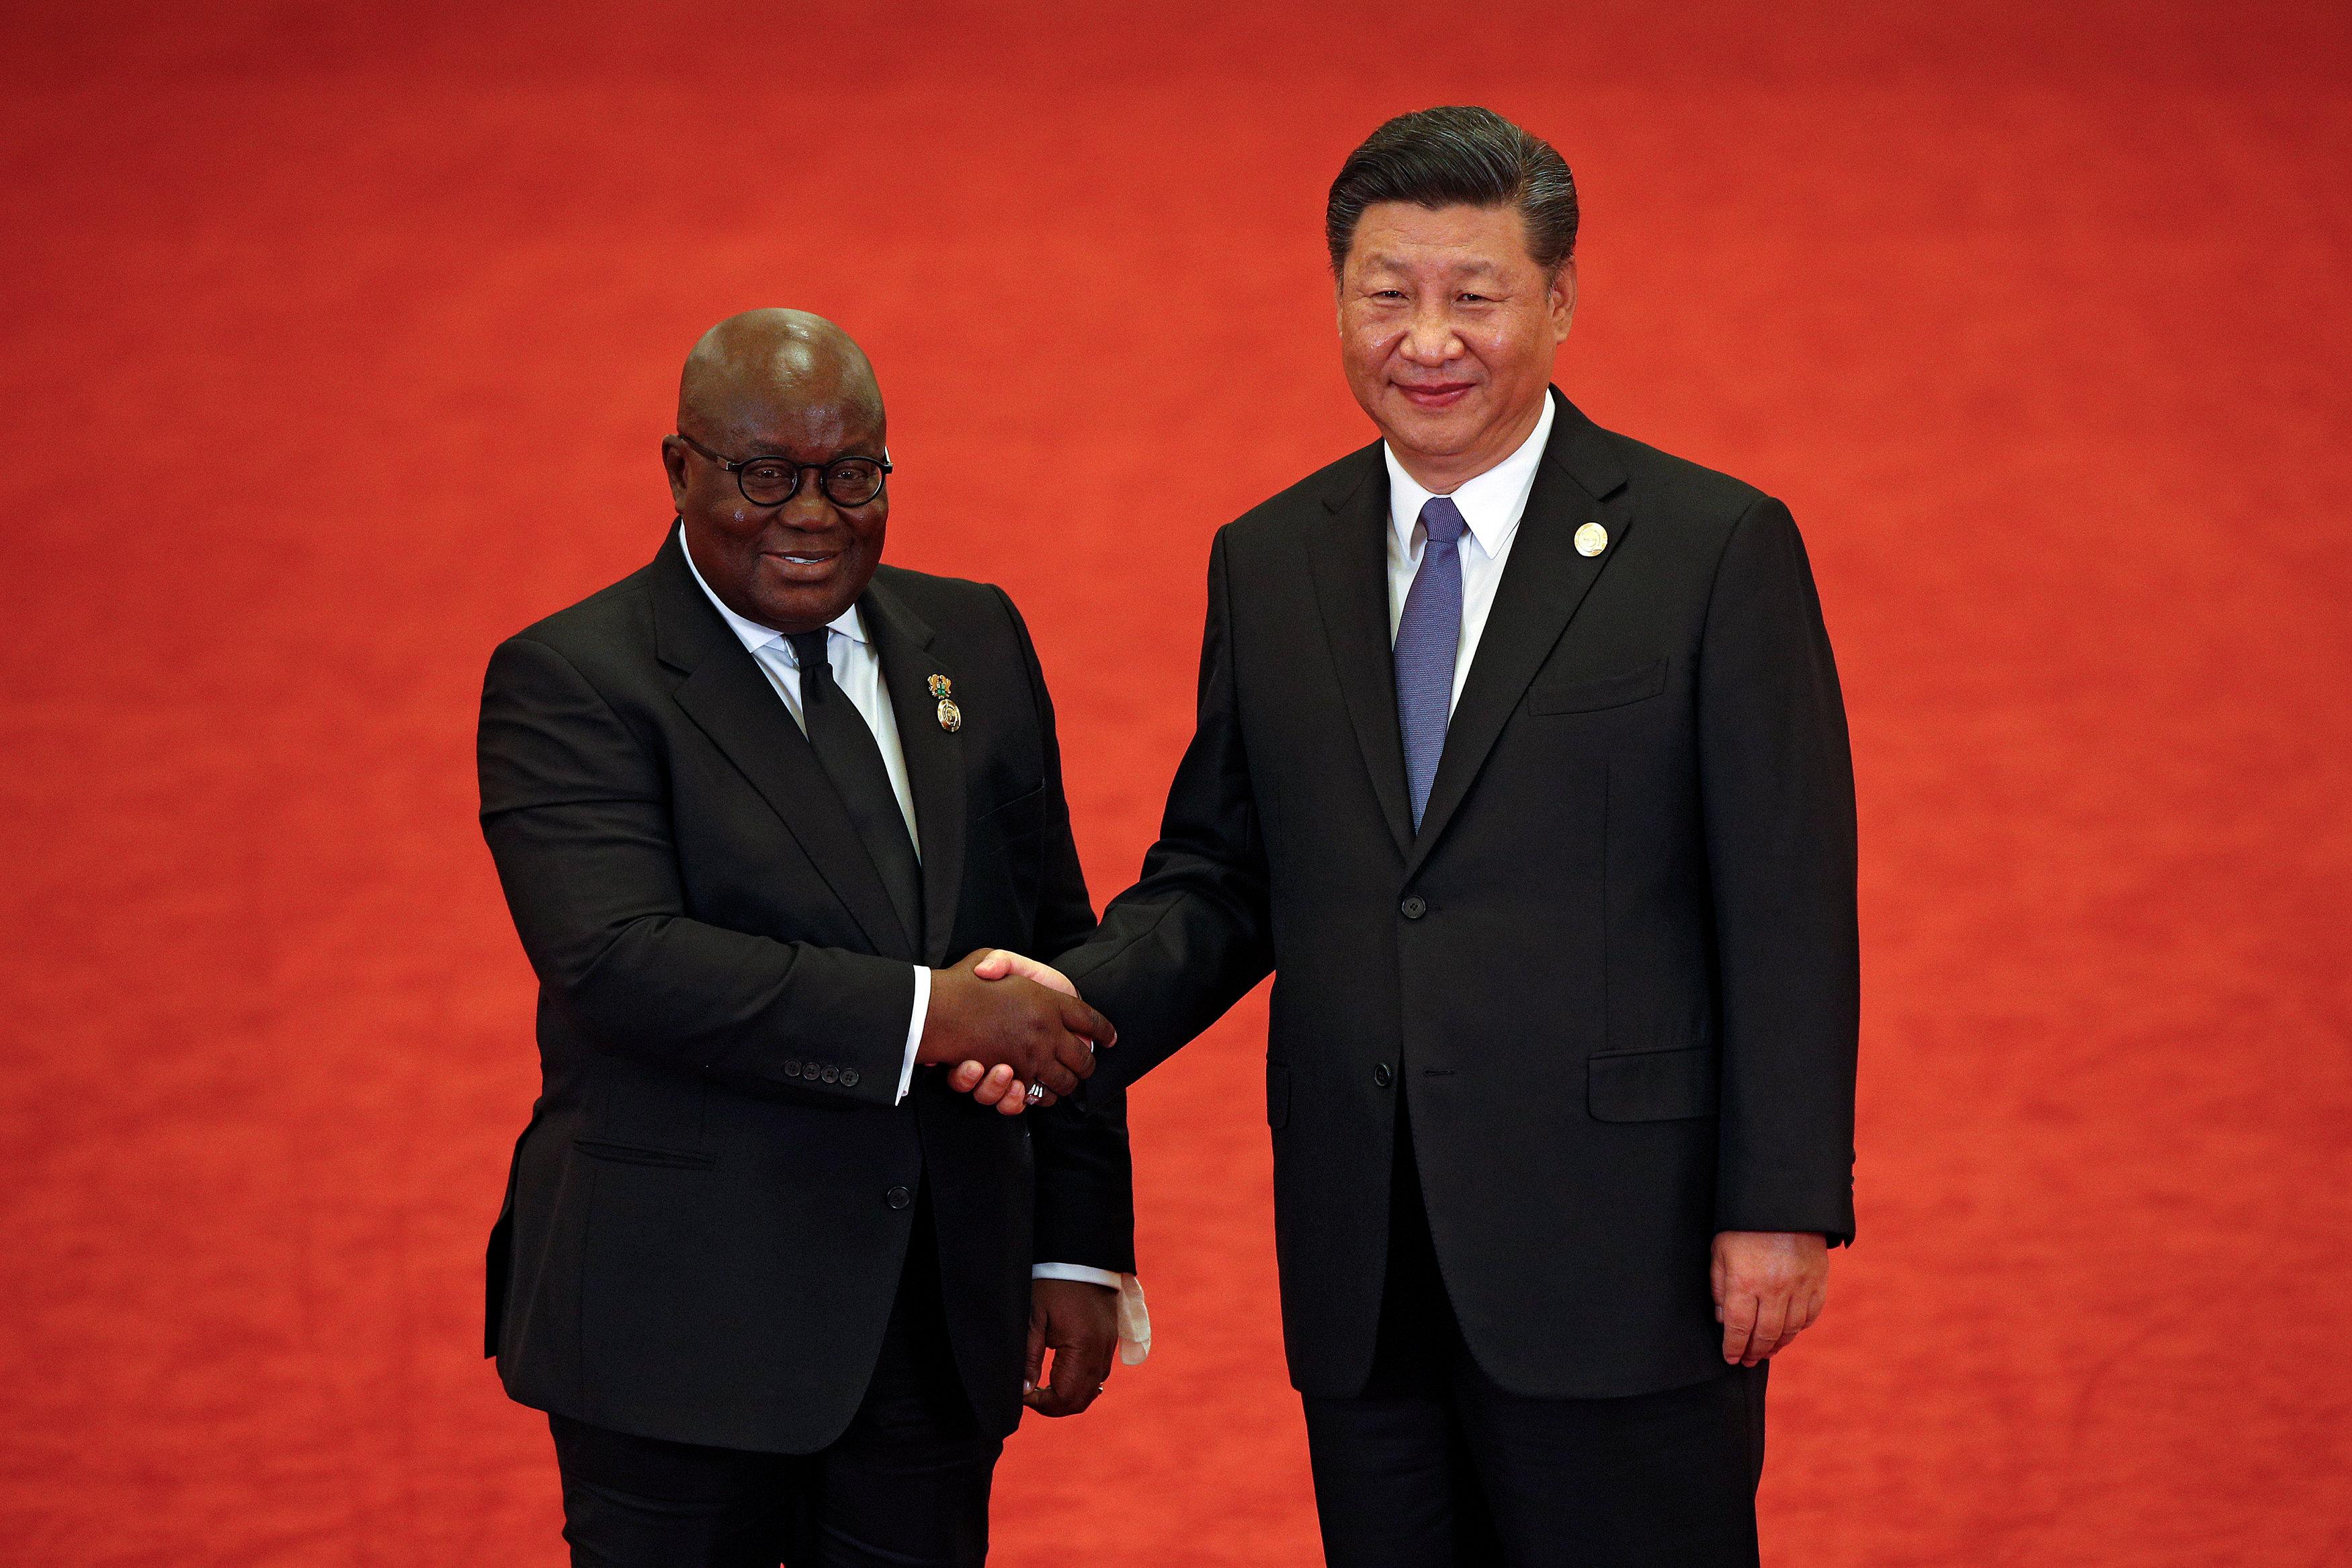 رئيس النيجر ورئيس الصين